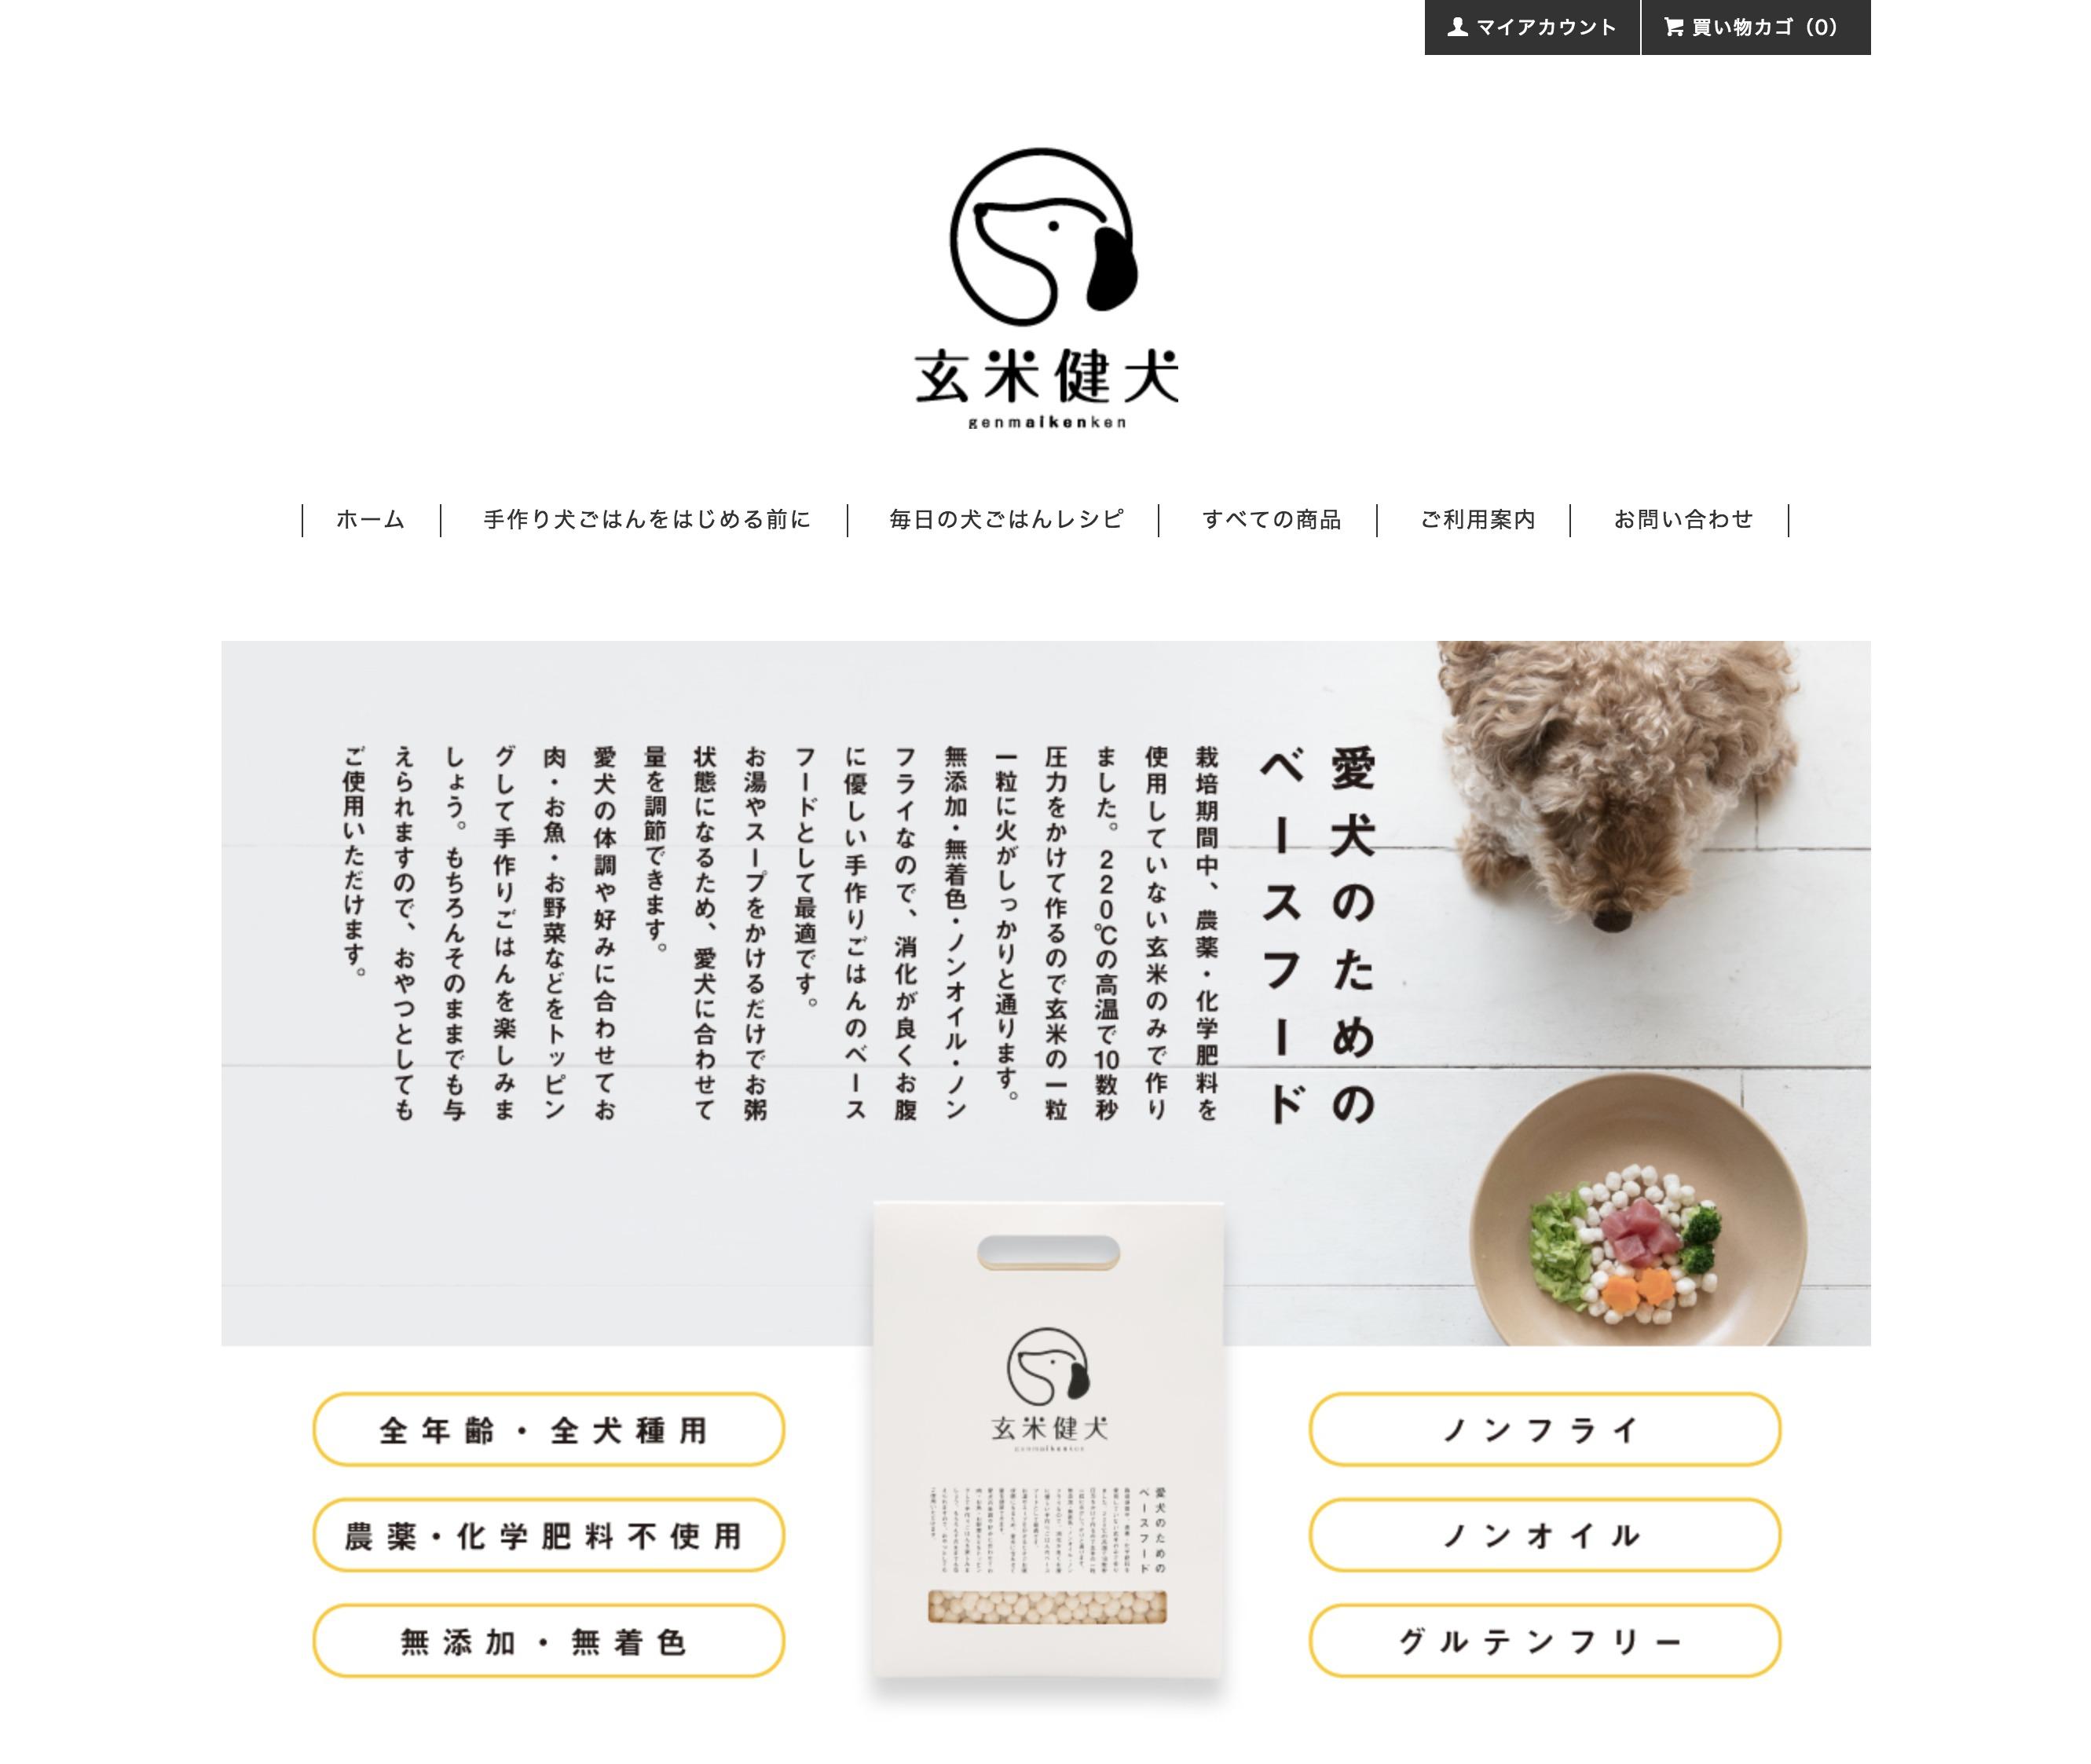 玄米犬健 ロゴ・Webサイト制作